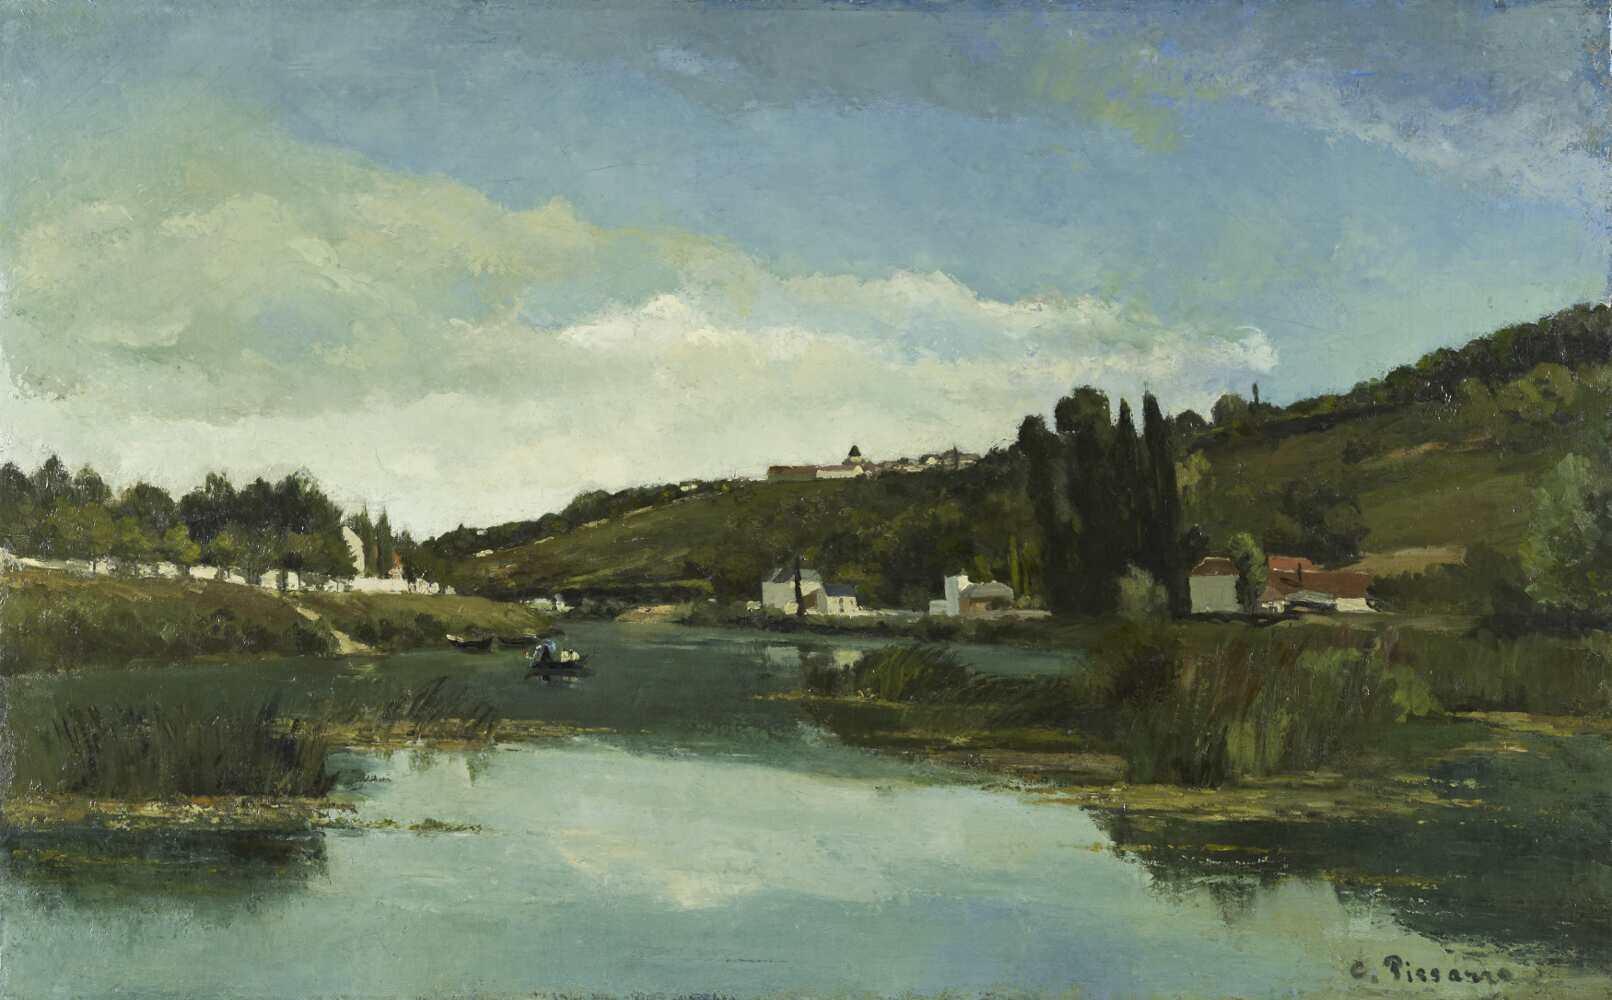 Camille Pissarro, Die Marne bei Chennevières, 1864/65, Öl auf Leinwand, 91.5 x 145.5 cm (National Galleries of Scotland, purchased 1947, Edinburgh)